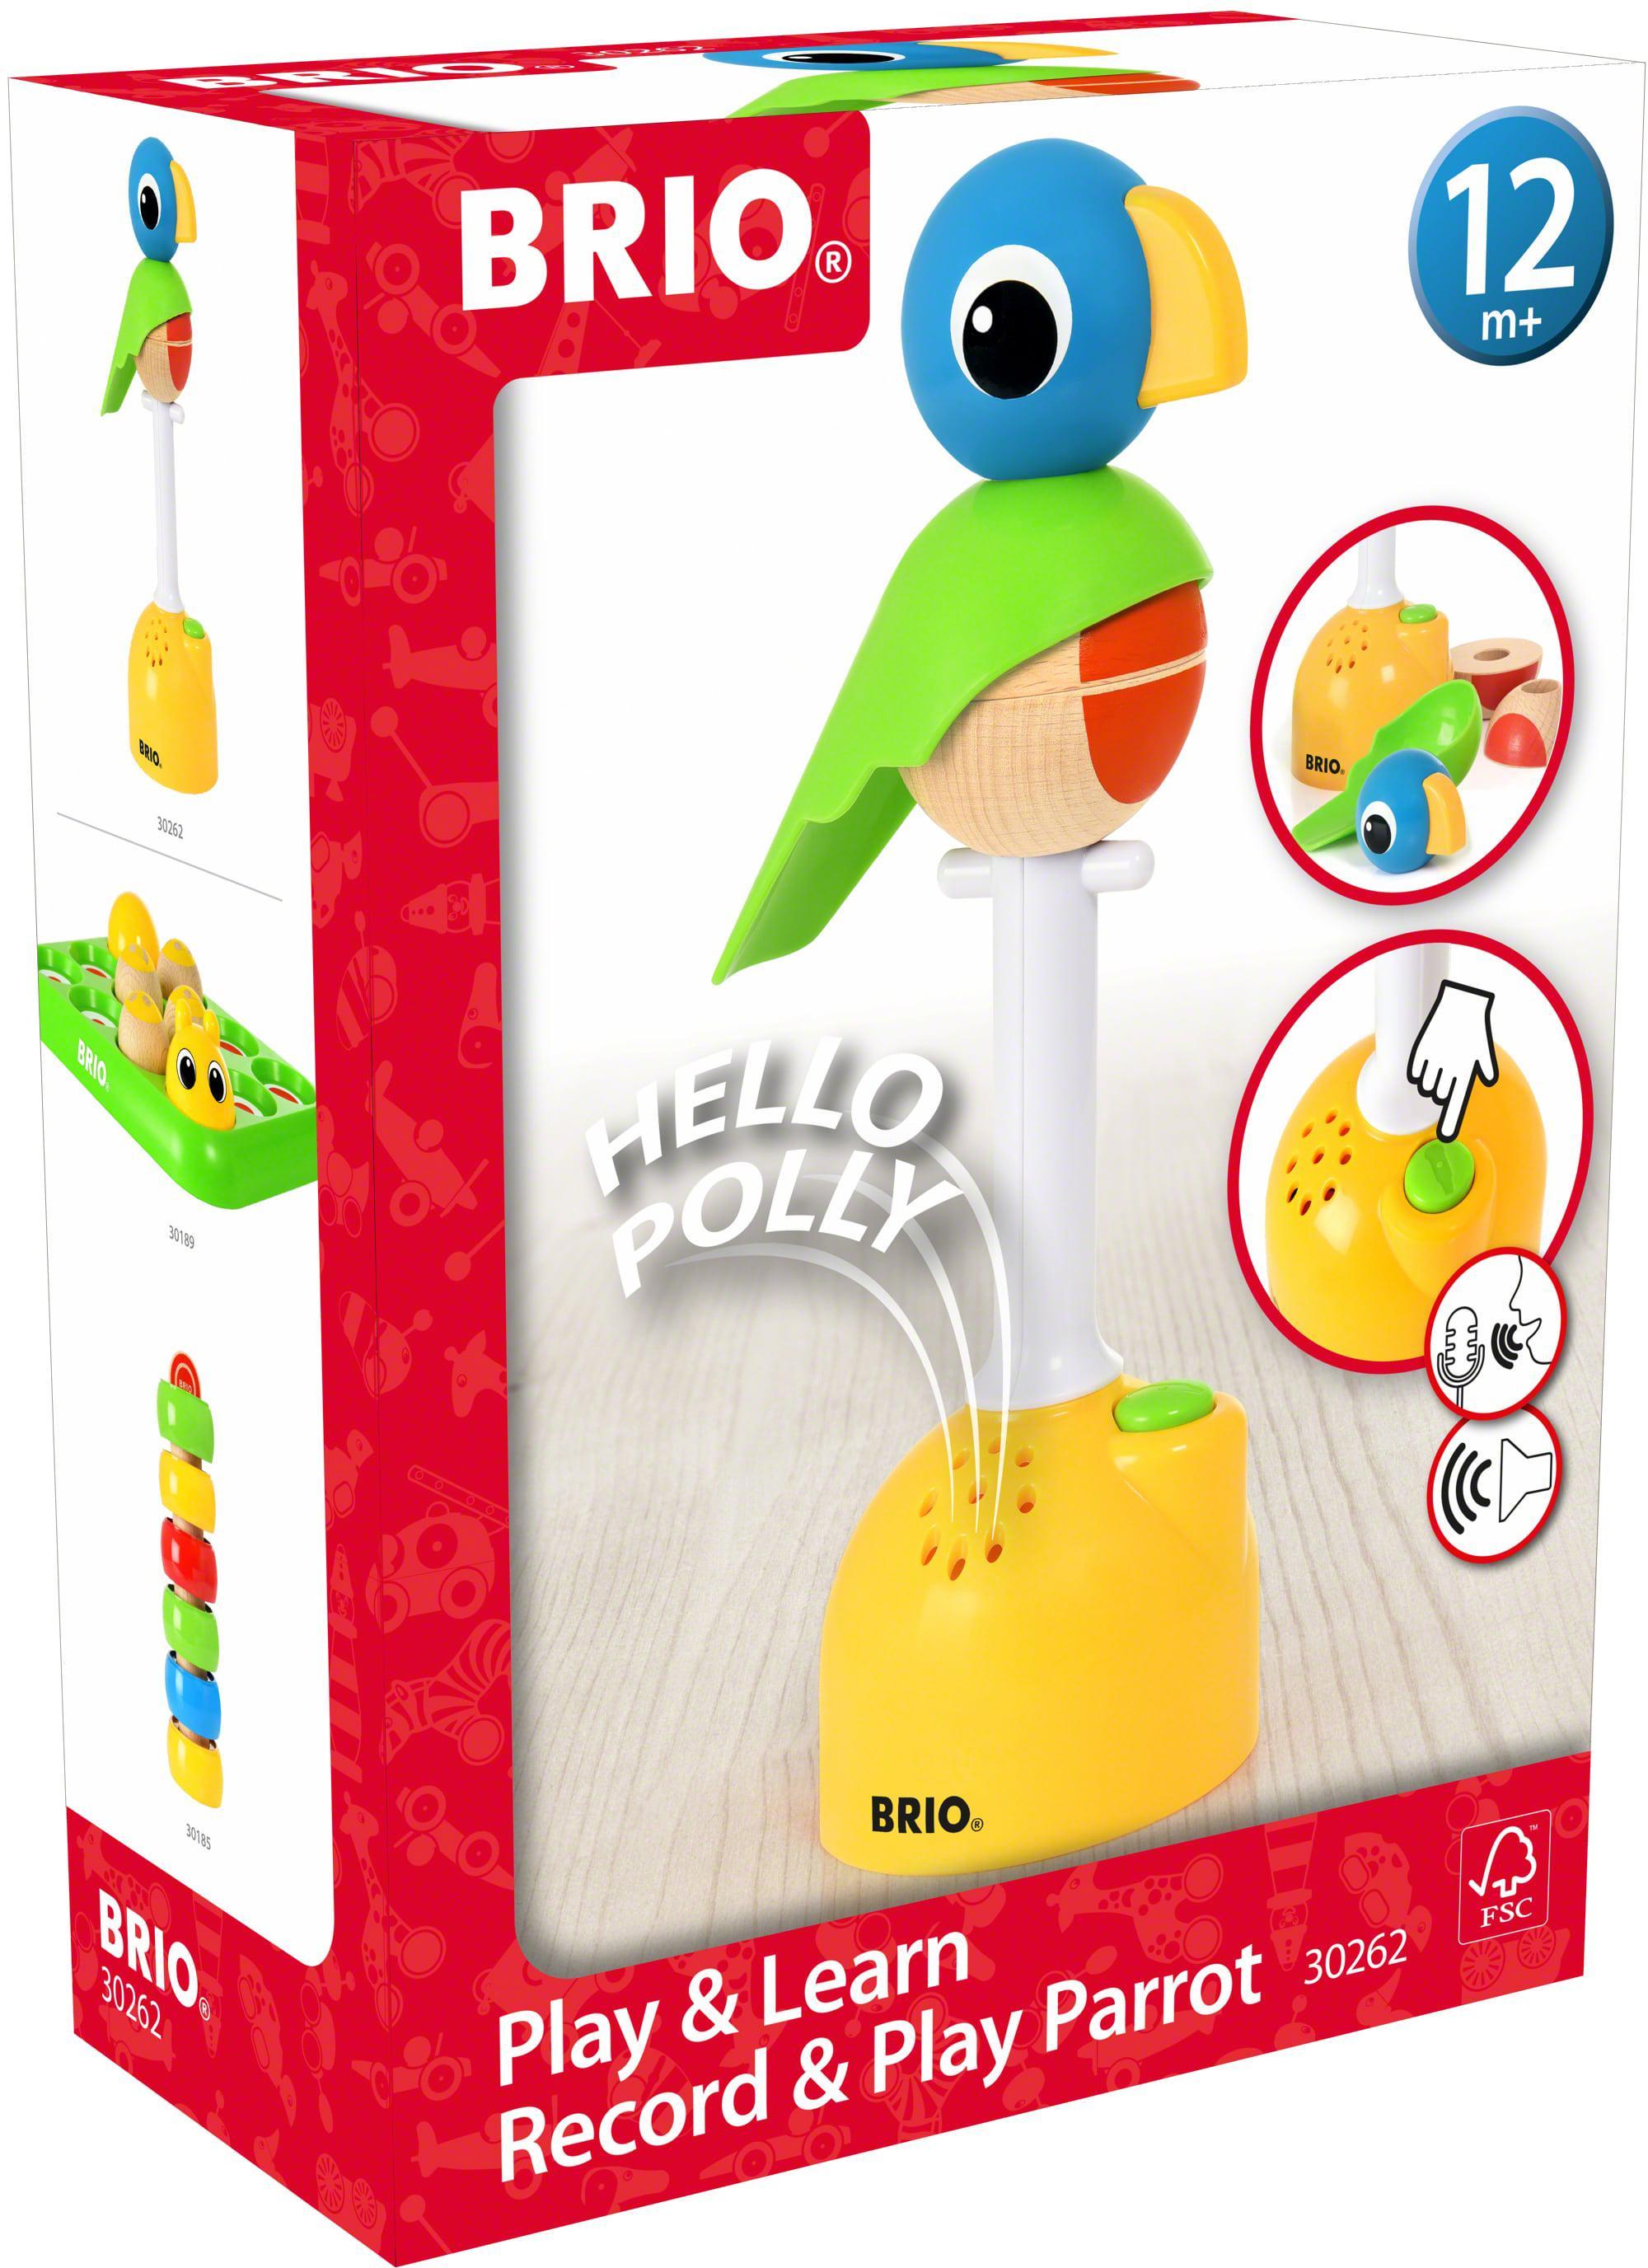 BRIO Steckspielzeug Musikspiel Papagei bunt Kinder Steck- Stapelspielzeug Baby Kleinkind